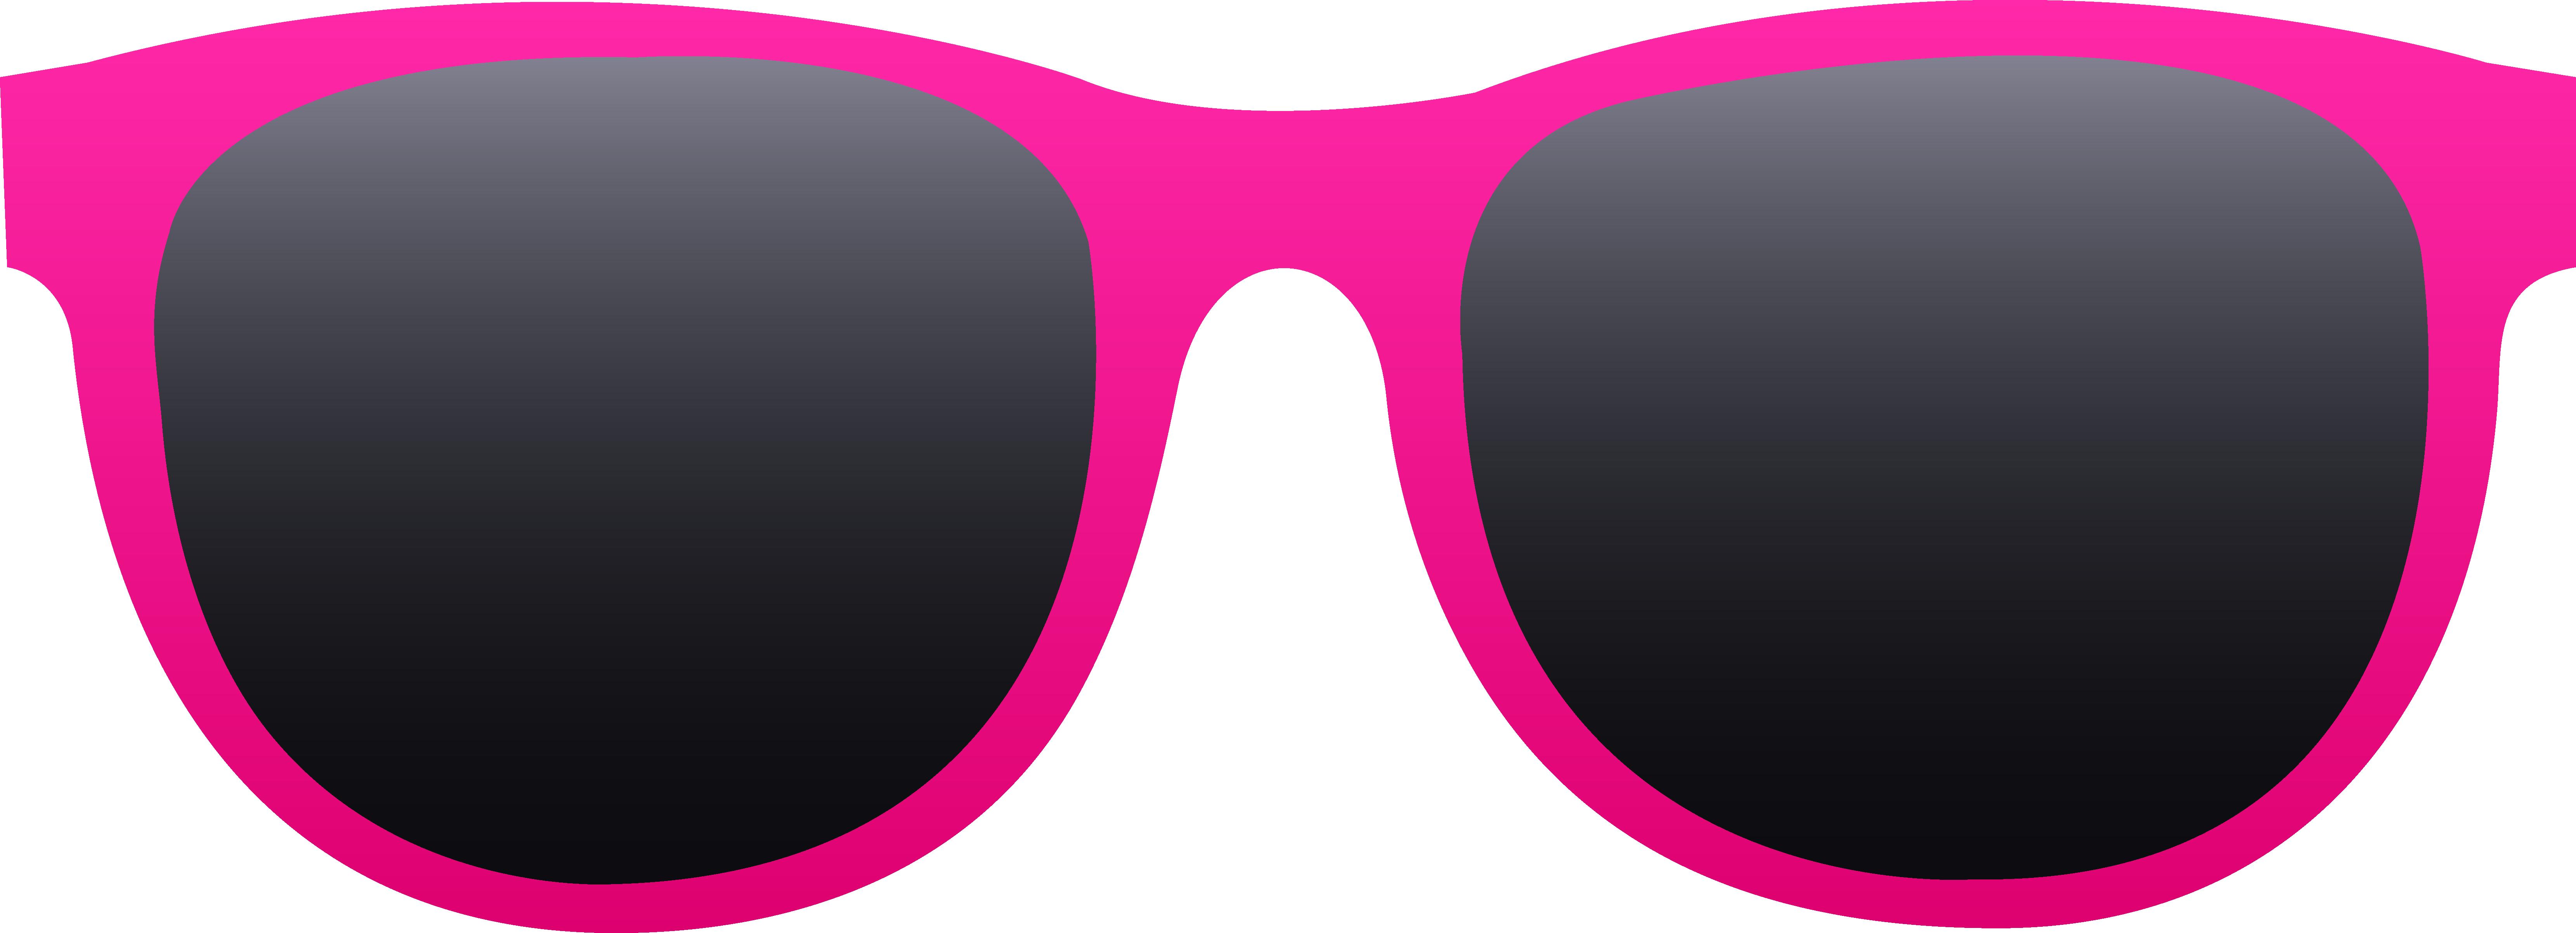 clip art free glasses - photo #47